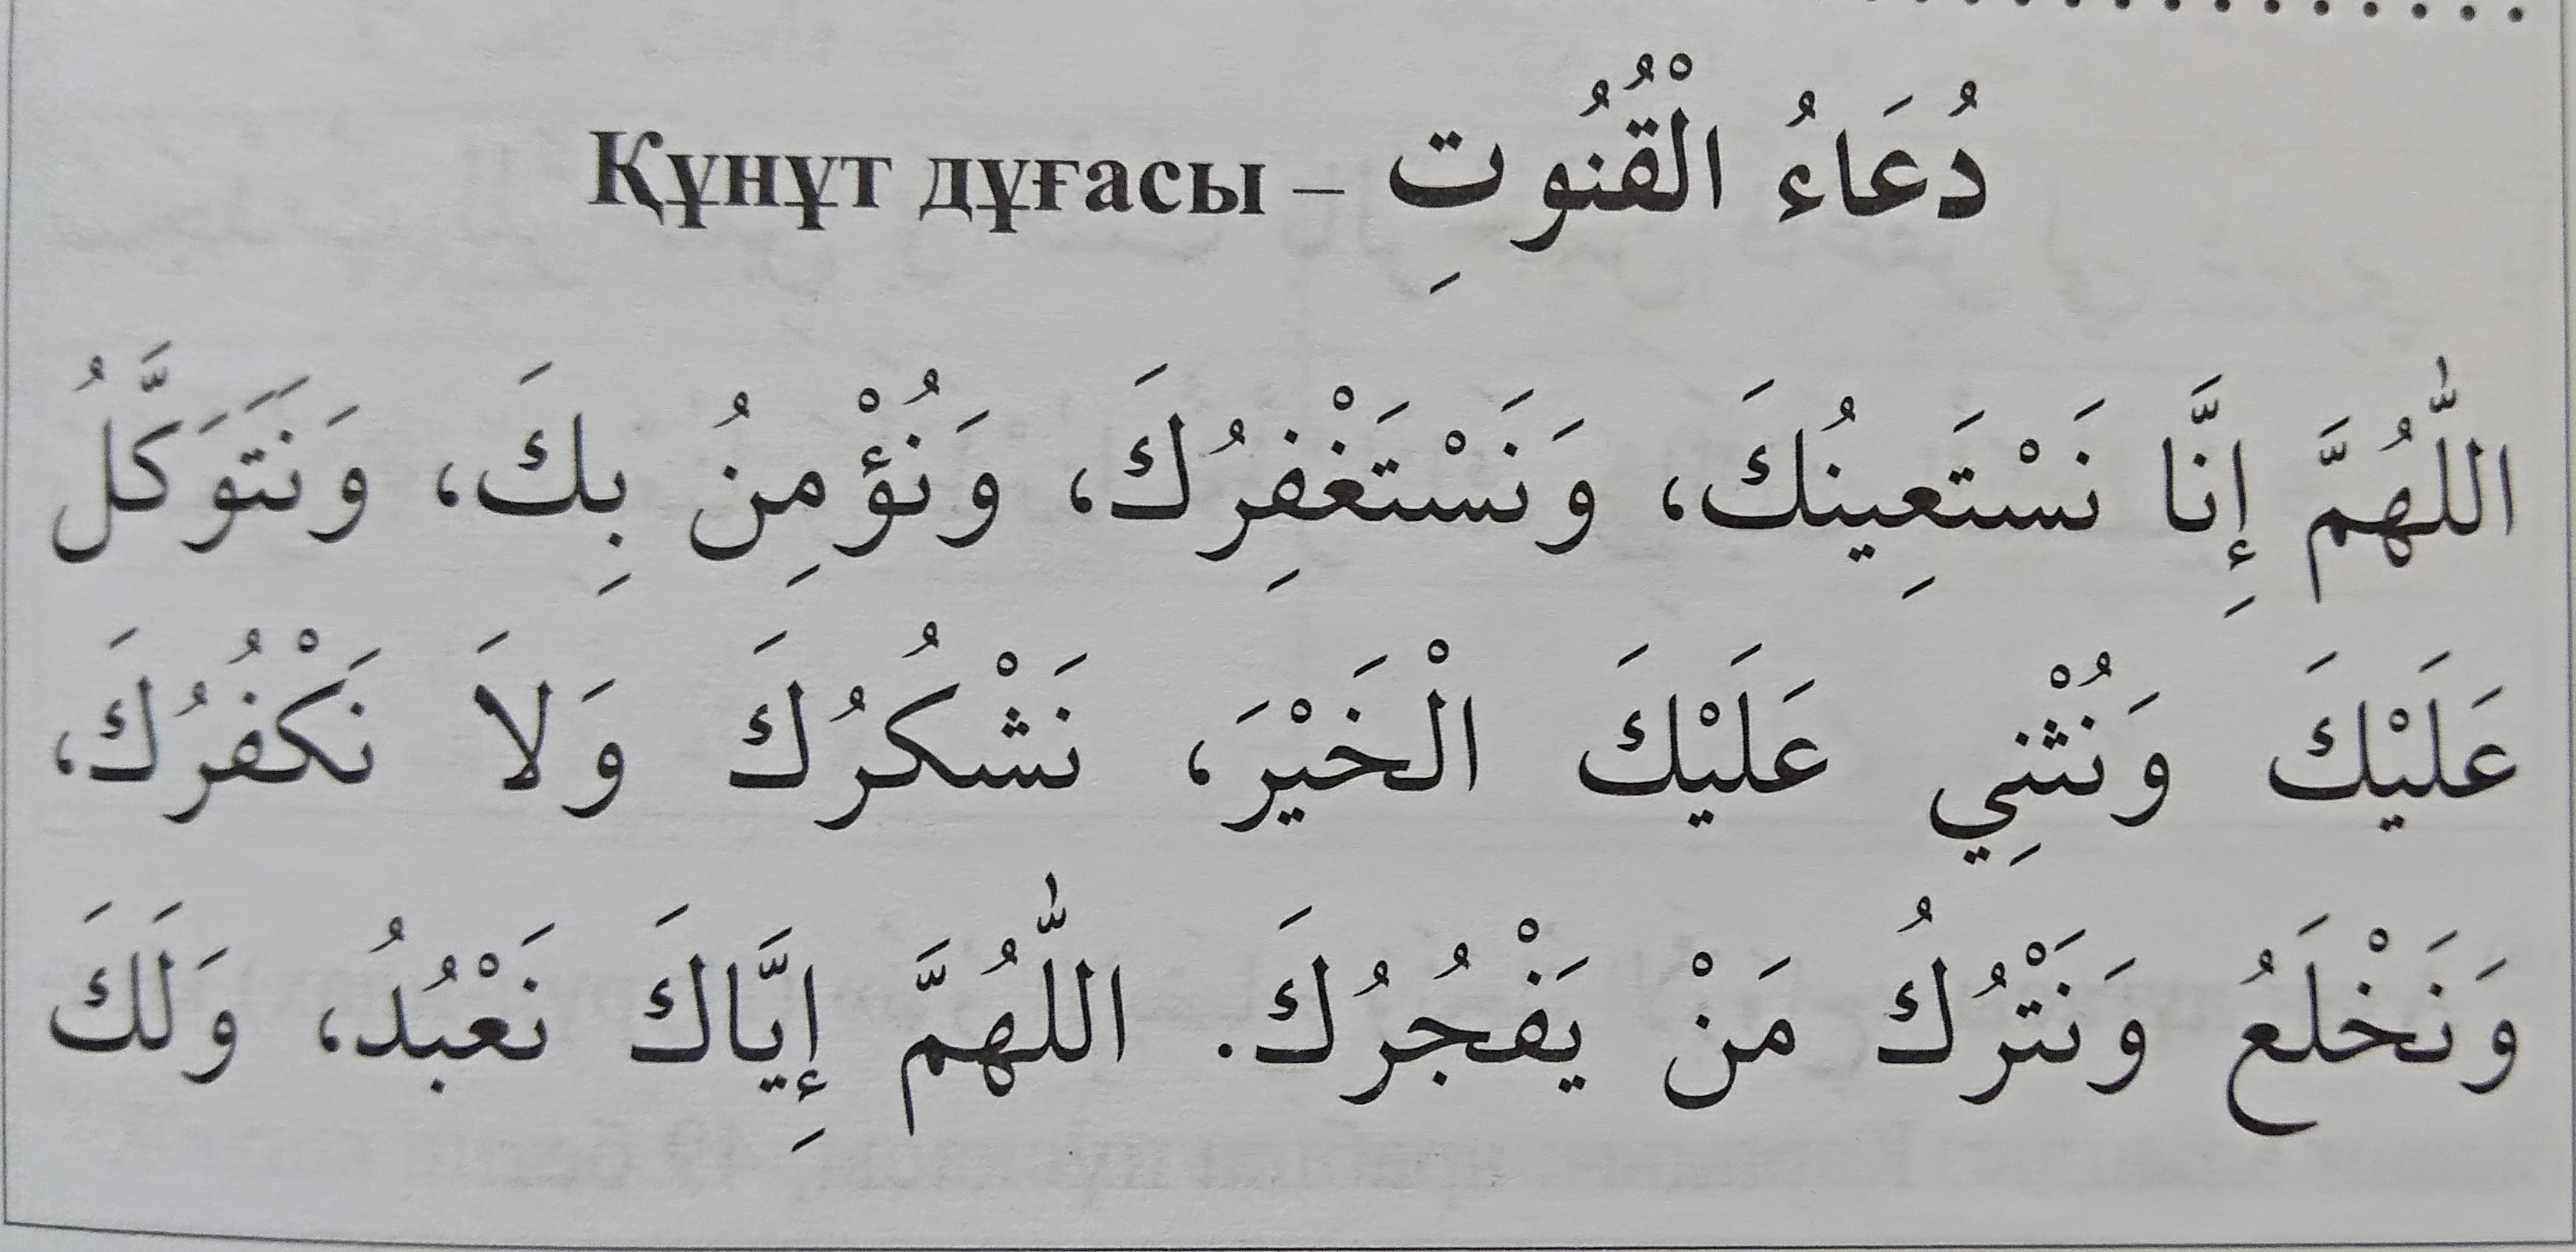 """Мусульманам на заметку: дуа """"кунут"""" мусульманам на заметку."""